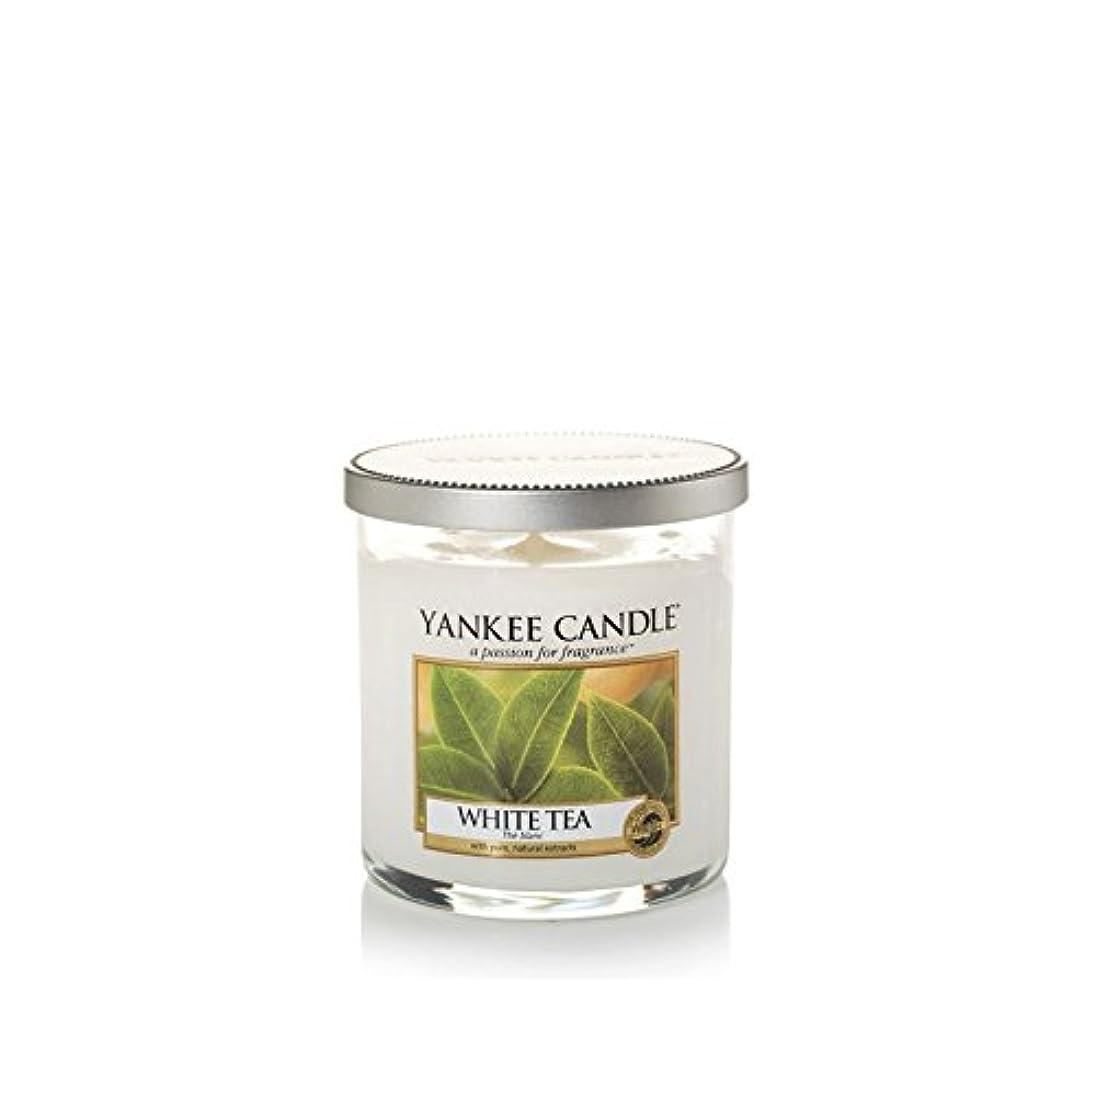 ペニー受け入れた投票ヤンキーキャンドルの小さな柱キャンドル - ホワイトティー - Yankee Candles Small Pillar Candle - White Tea (Yankee Candles) [並行輸入品]